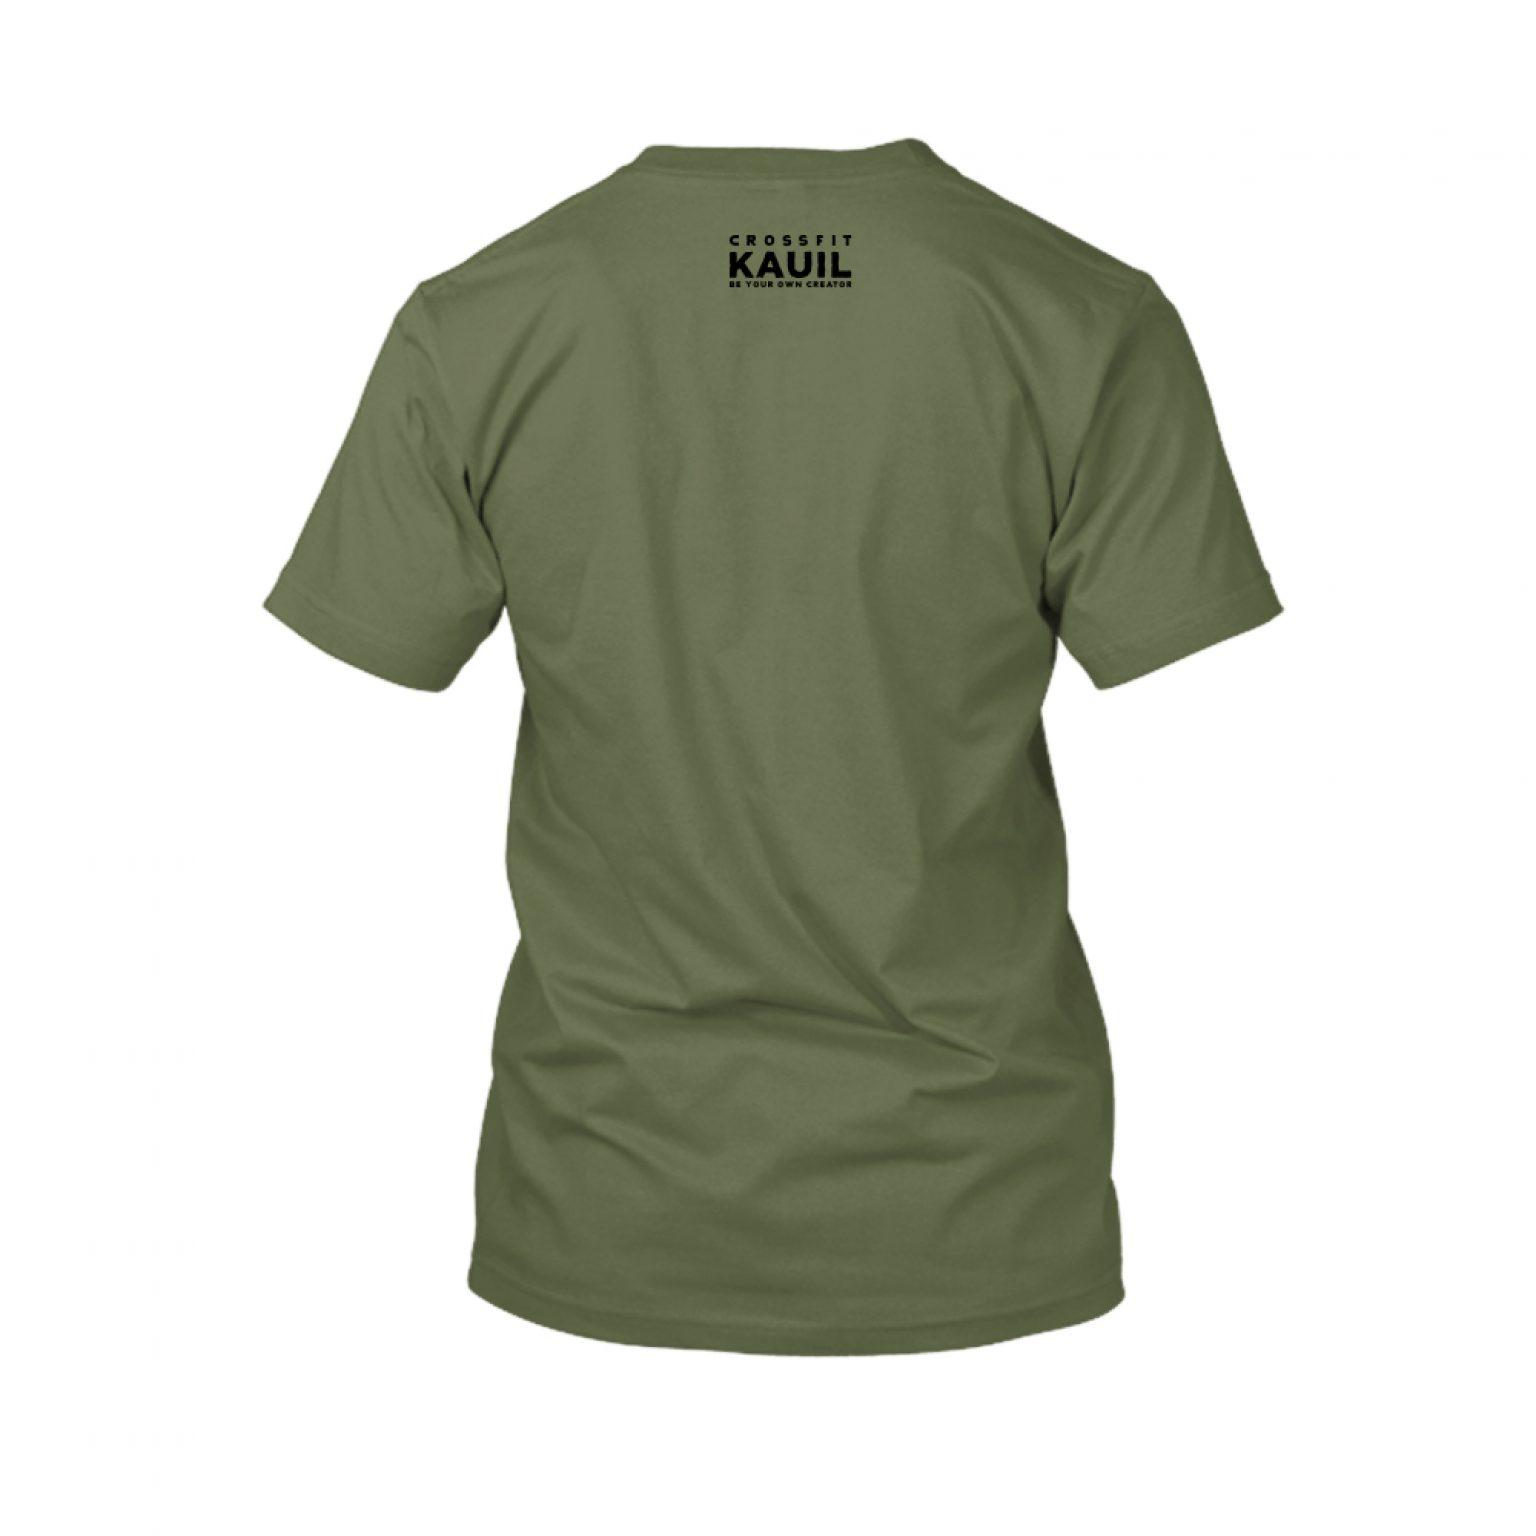 Herren Shirt Army1 schwarz back